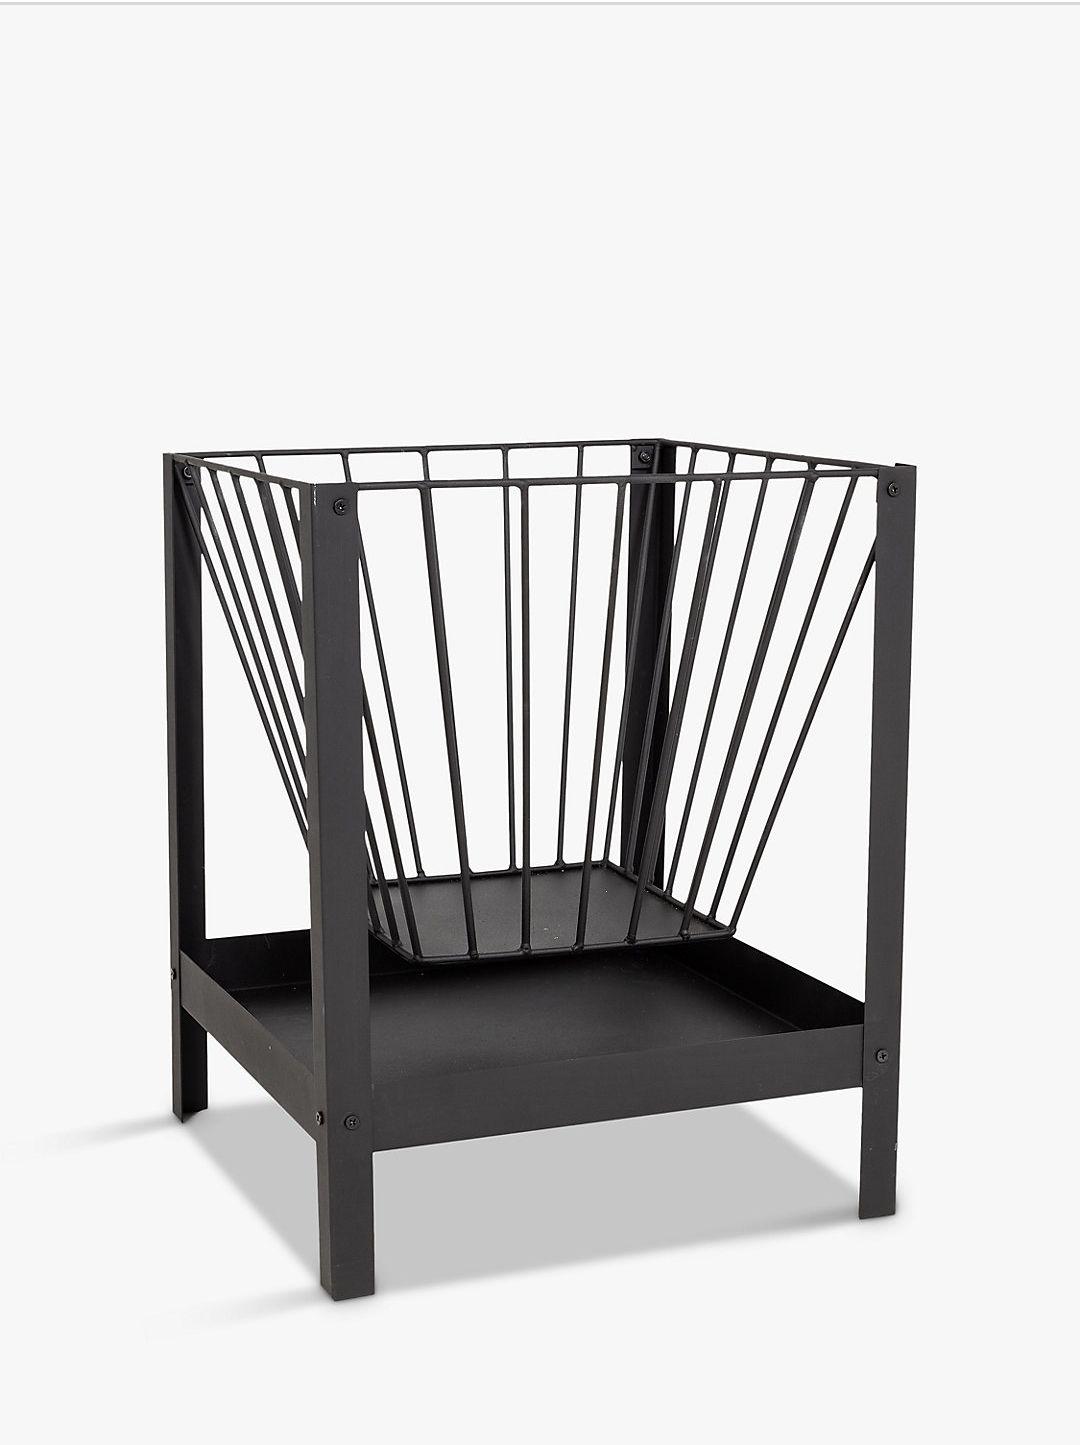 La Hacienda Brinkworth Steel Firepit Basket £59 delivered @ John Lewis & Partners